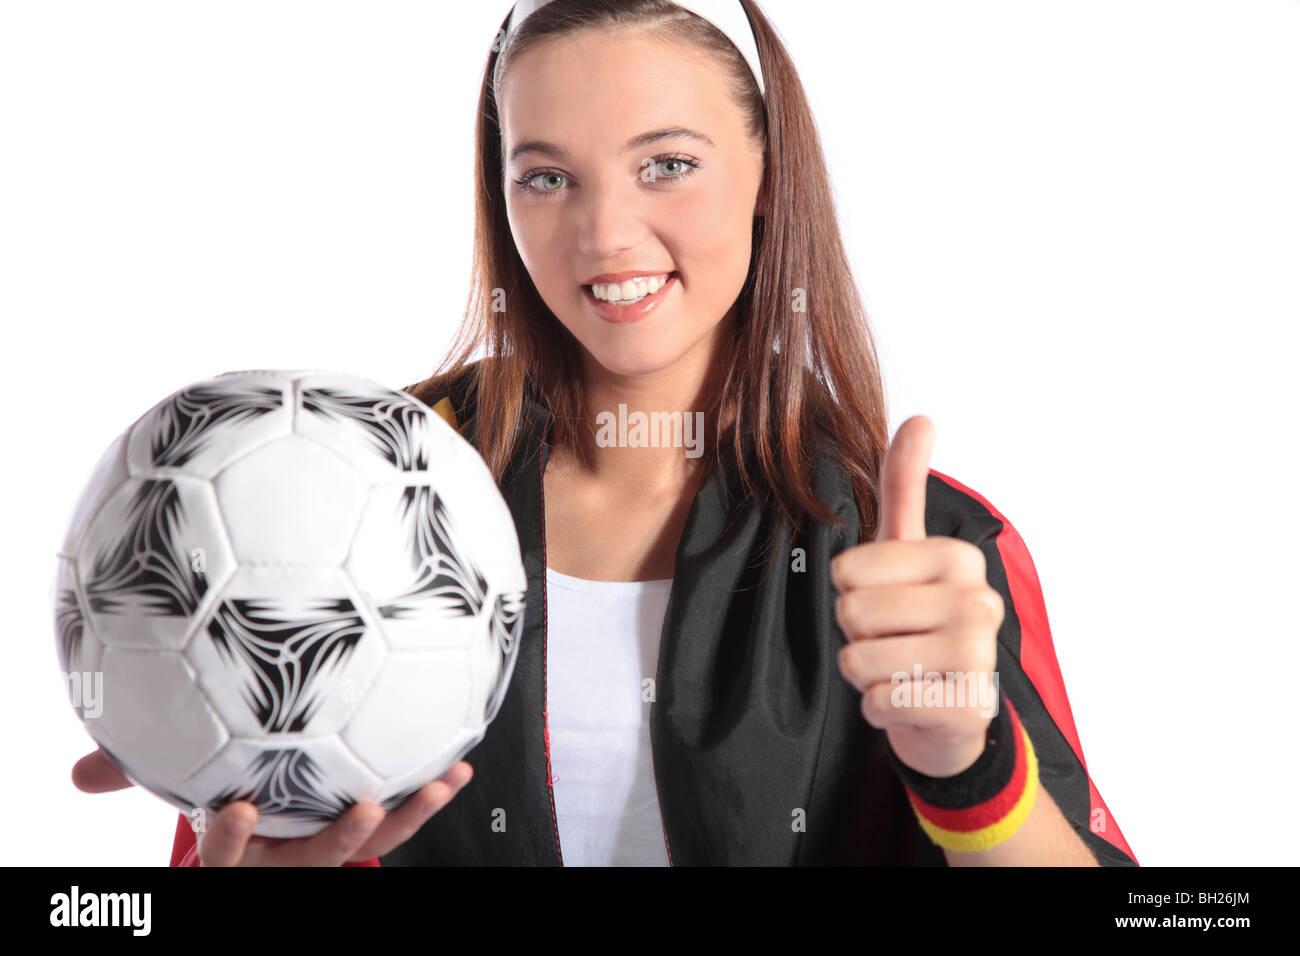 bf3a733ecd874 Un atractivo fútbol alemán ventilador ventilador vistiendo varios  utensilios y sosteniendo un balón Imagen De Stock